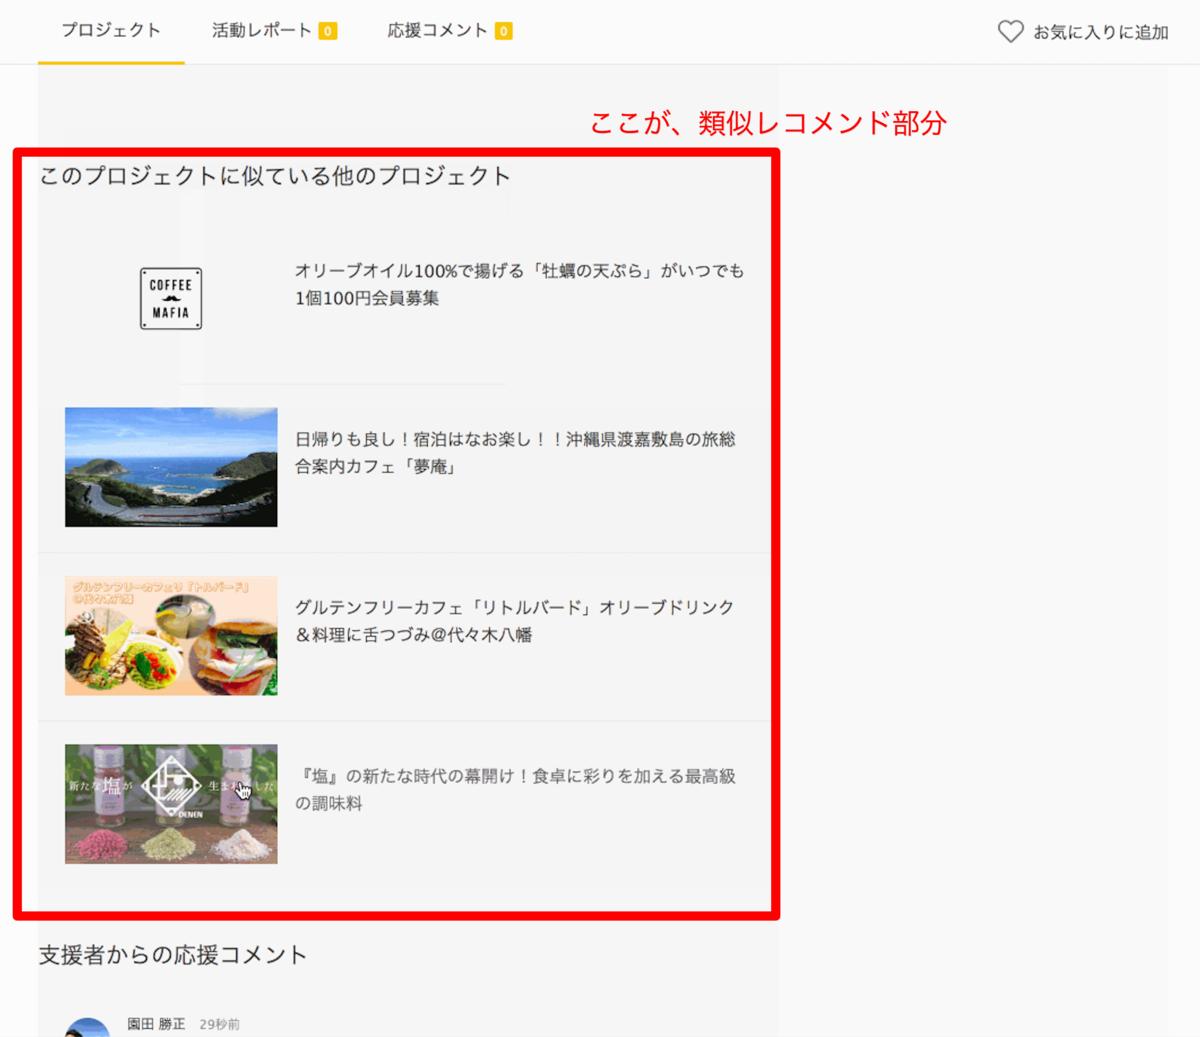 f:id:tsuyoshi_nakamura:20191015212536p:plain